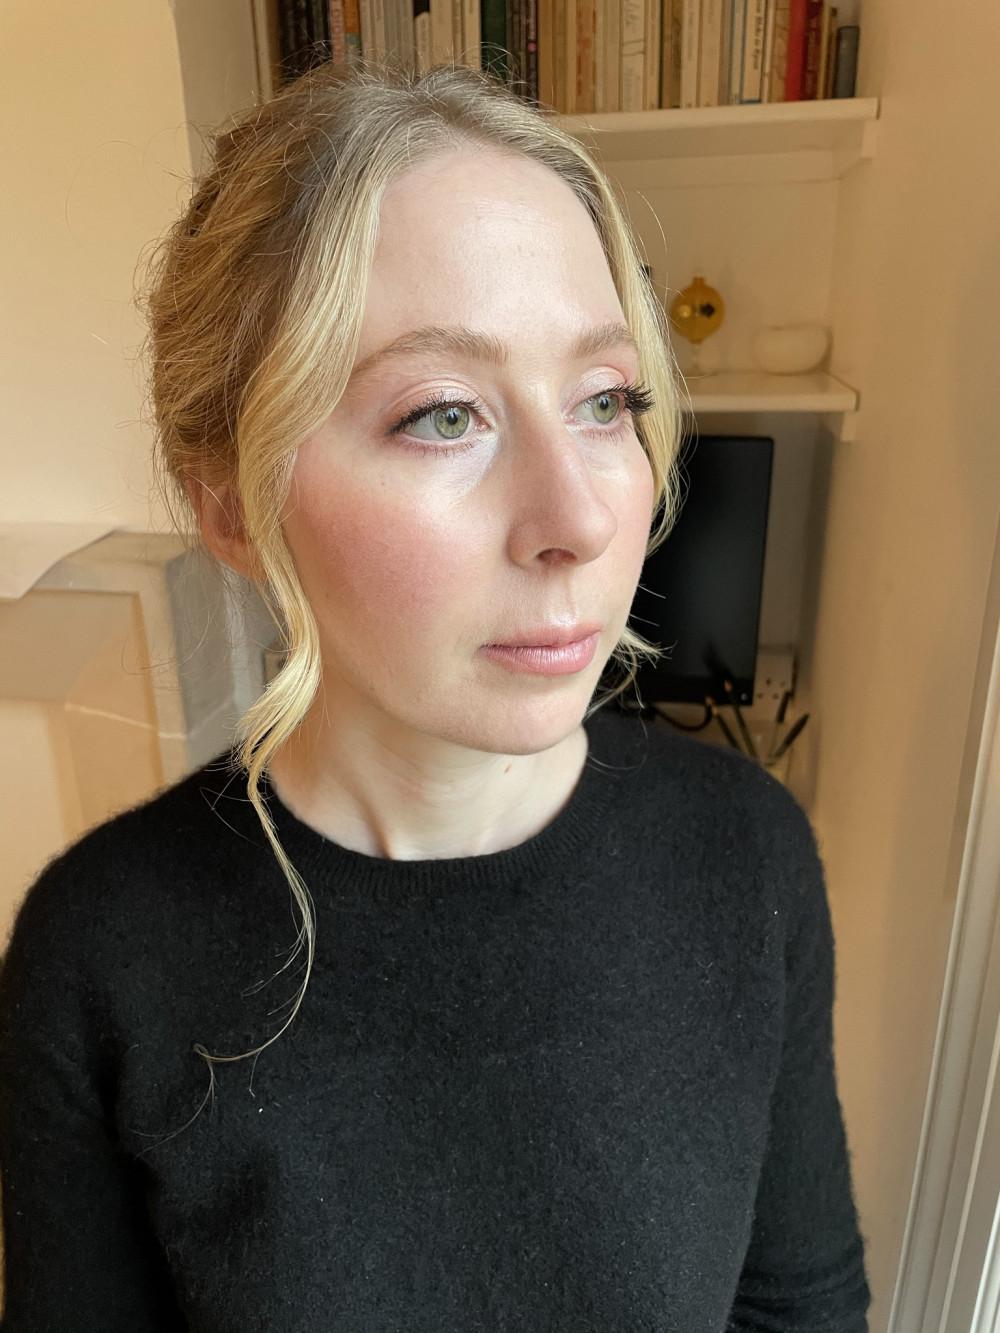 Natural makeup on pale skin - real bride - Make Me Bridal Artist: Quelle Bester. #classic #vintage #naturalmakeup #dewyskin #pinklipstick #paleskin